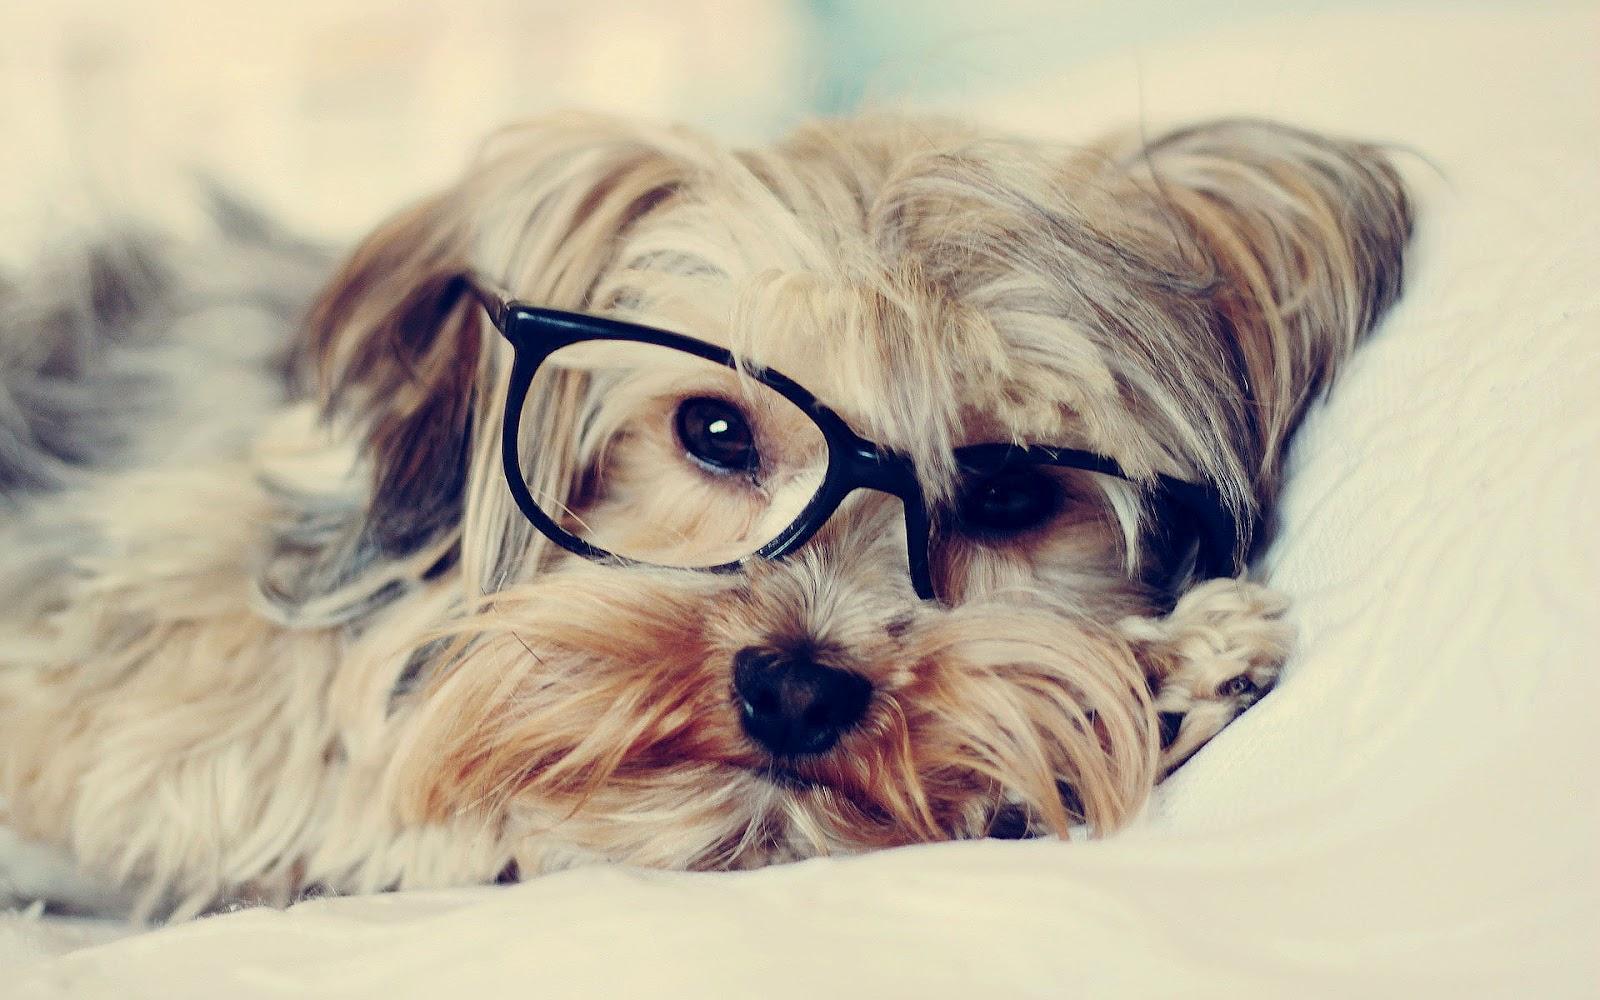 Met een hond met een bril op zijn kop | hd hond achtergrond foto